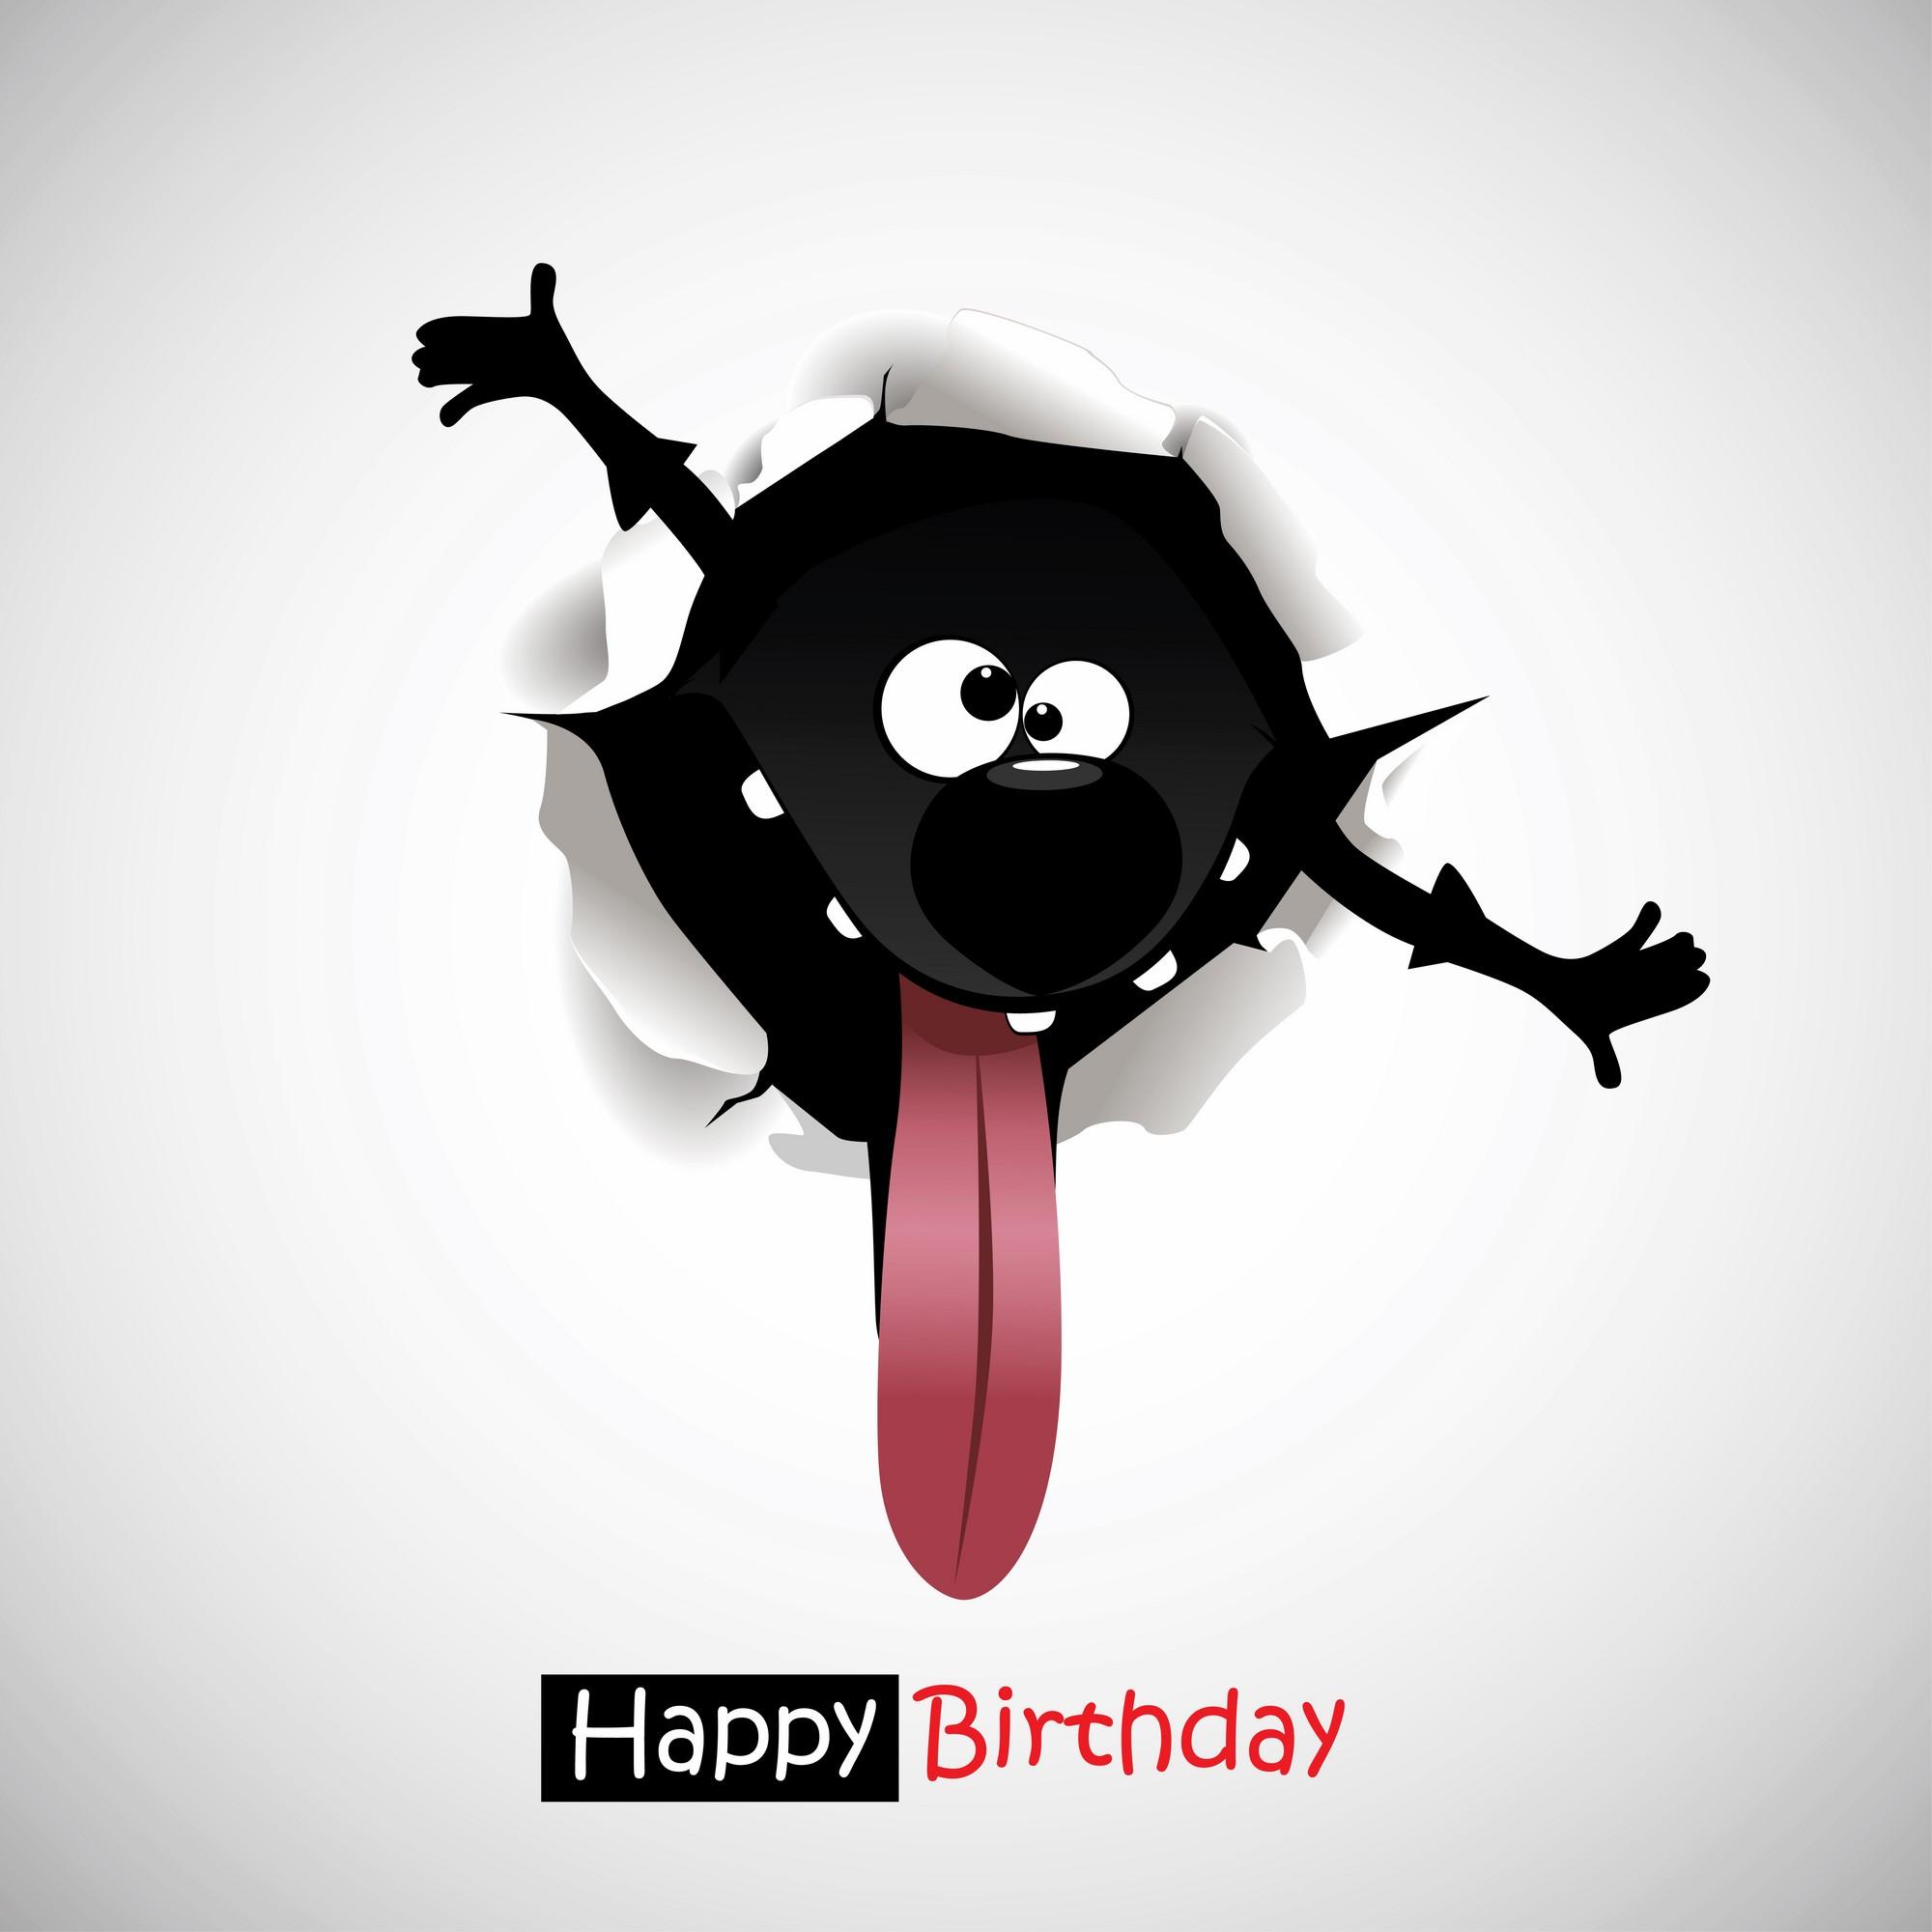 День рождение открытки креативные, приколами рекламы